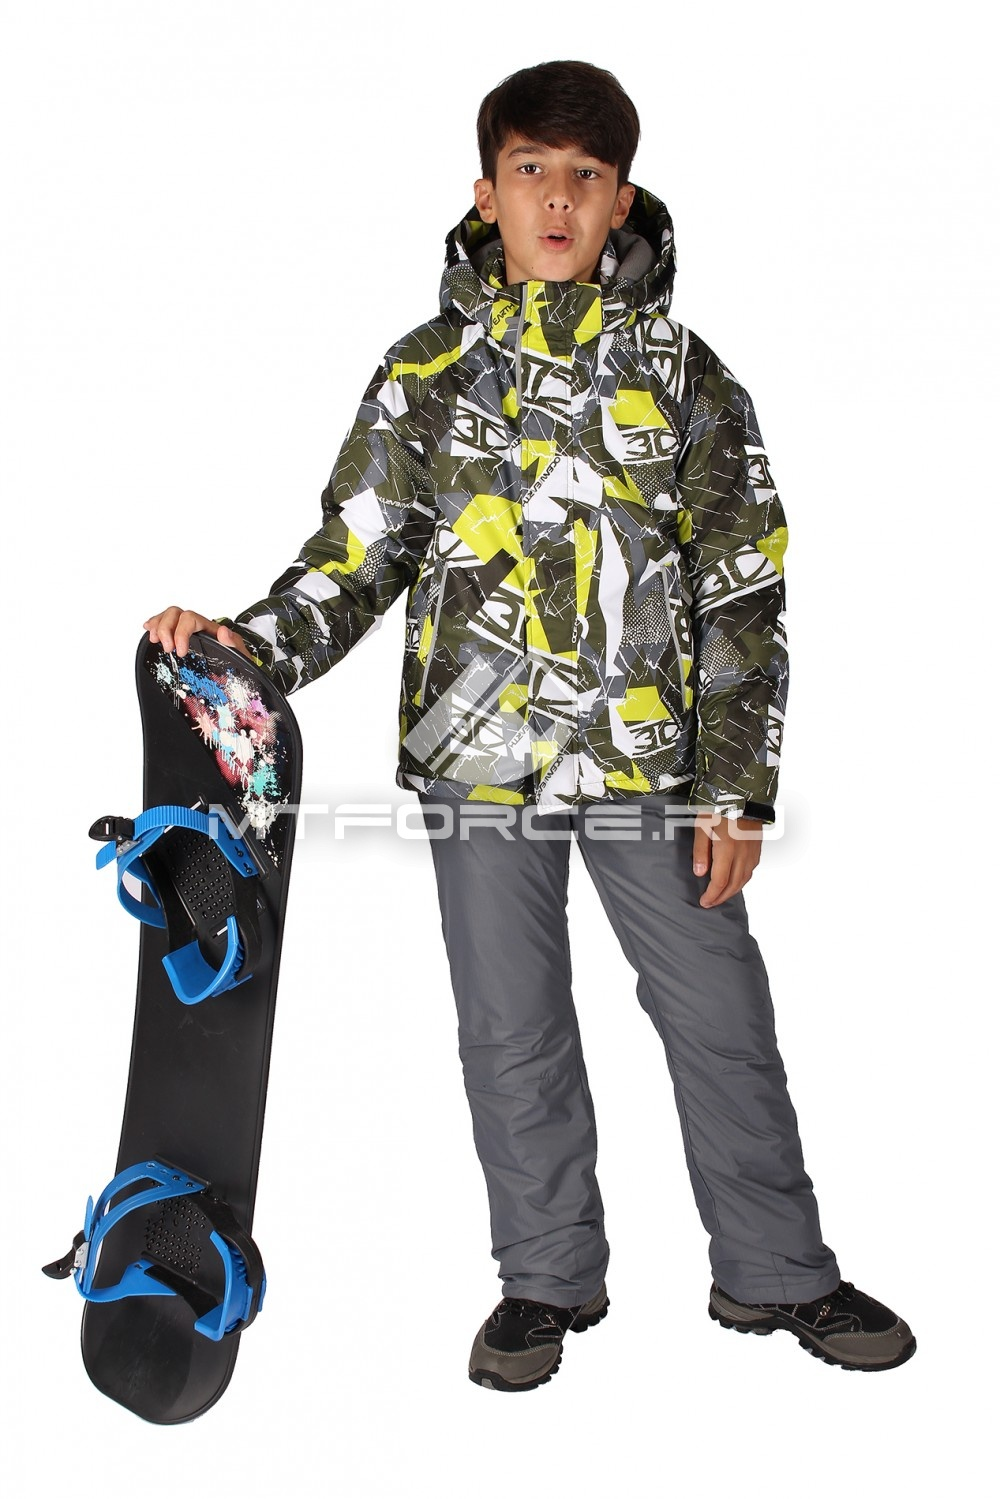 Купить                                  оптом Костюм горнолыжный  для мальчика цвета хаки 708Kh